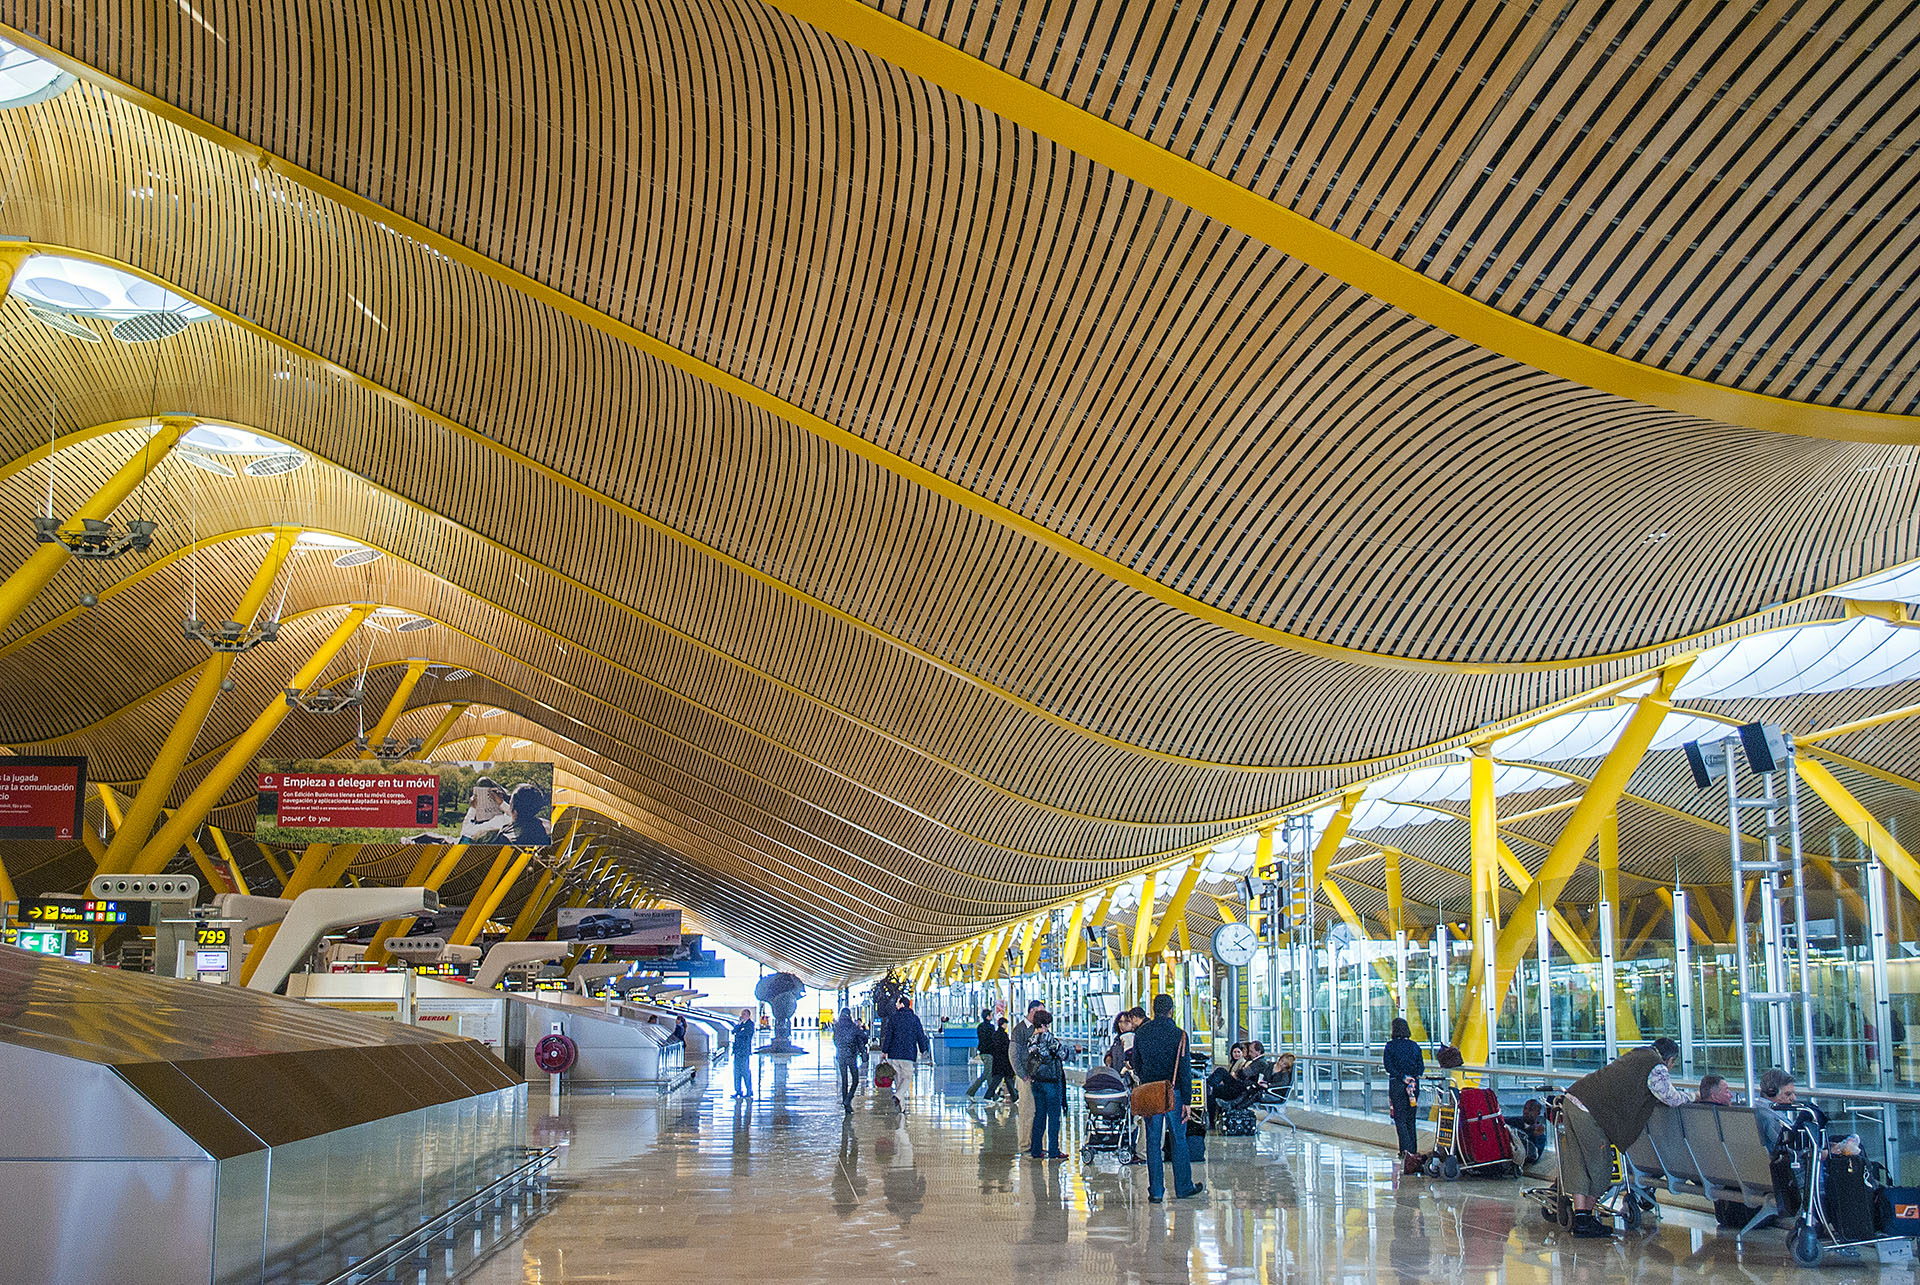 En 2006, el aeropuerto español de Madrid-Barajas abrió la Terminal 4, una terminal impresionantemente grande y ornamentada con techos de bambú